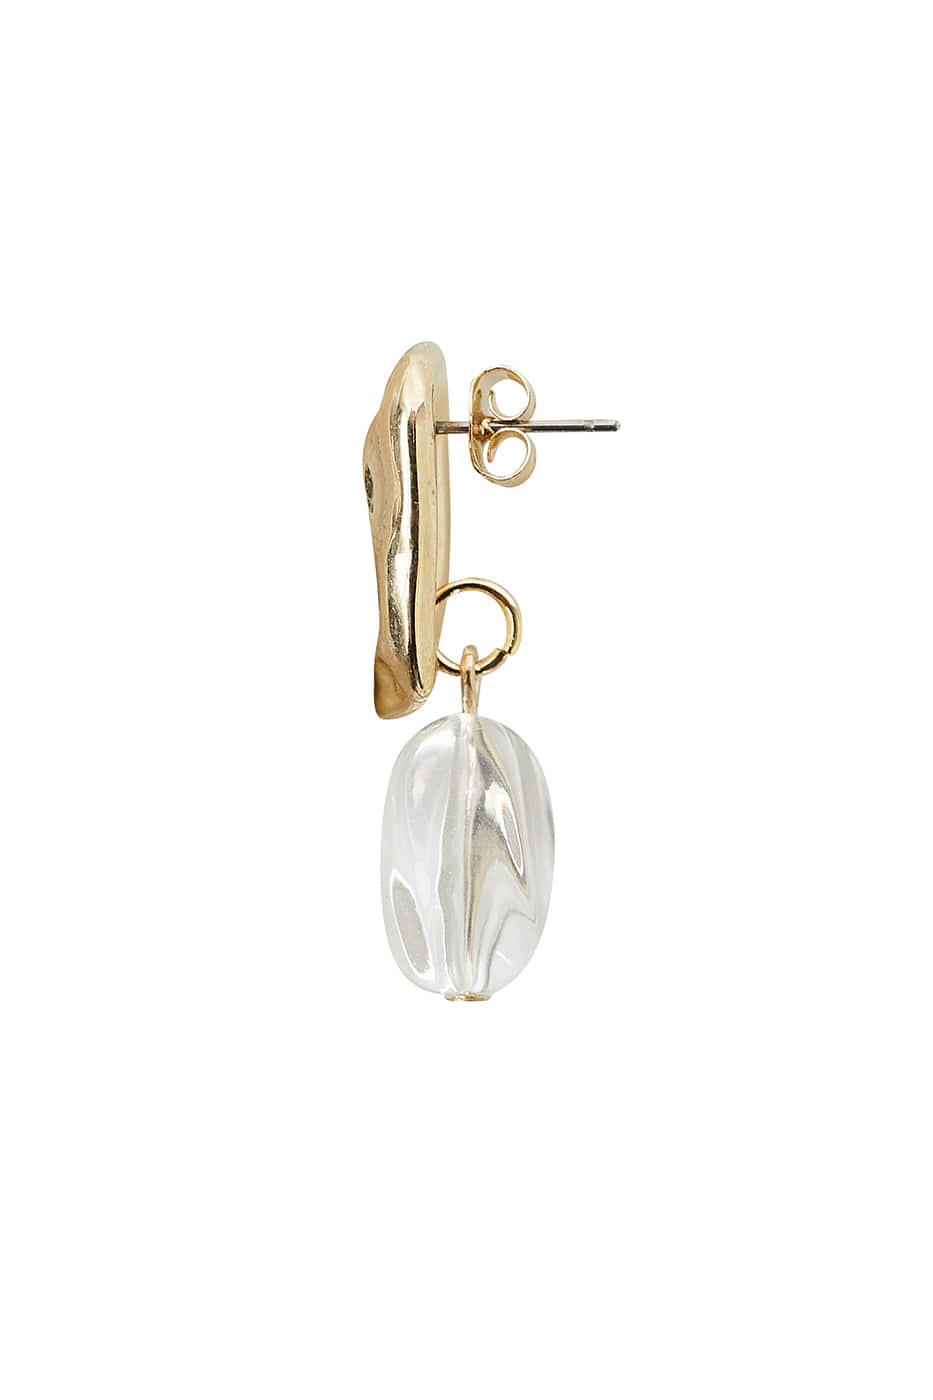 Louis gold earrings